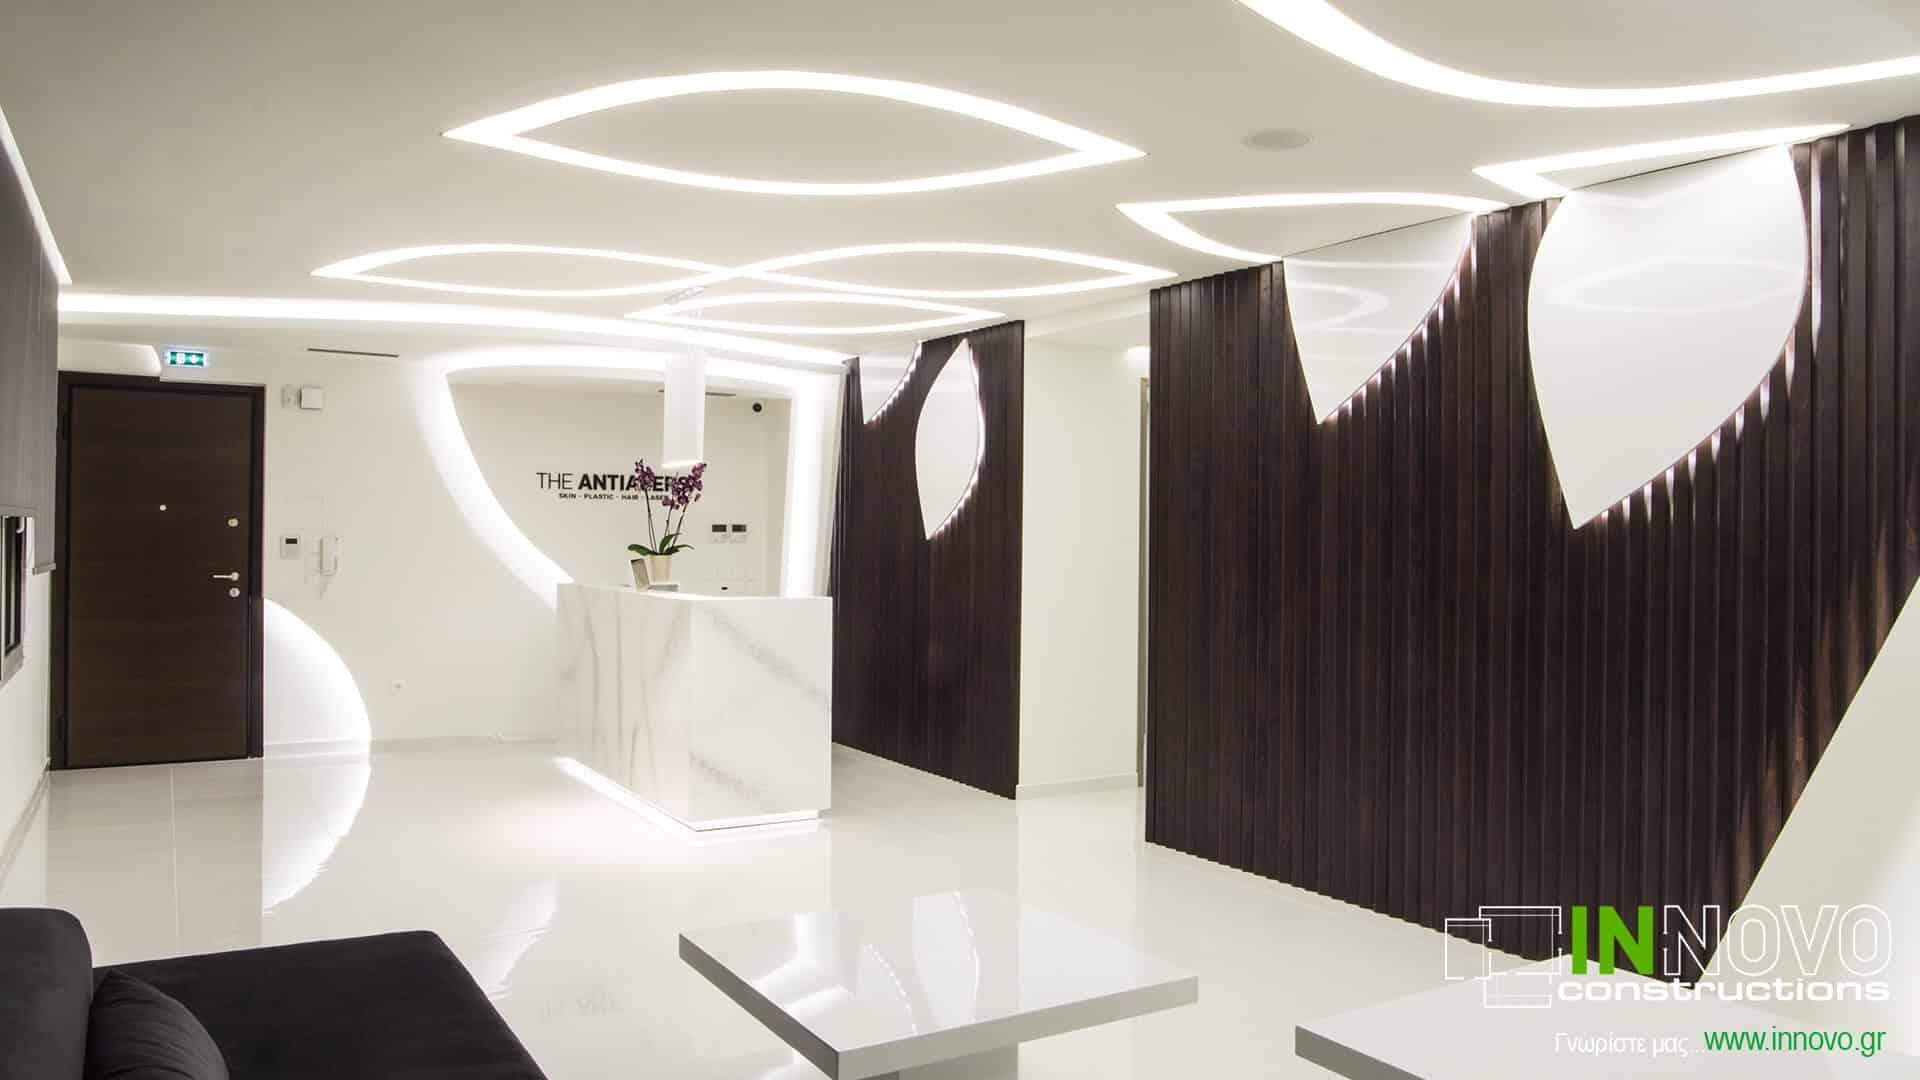 Από την Innovo κατασκευή εξοπλισμού Ιατρείου Πλαστικής